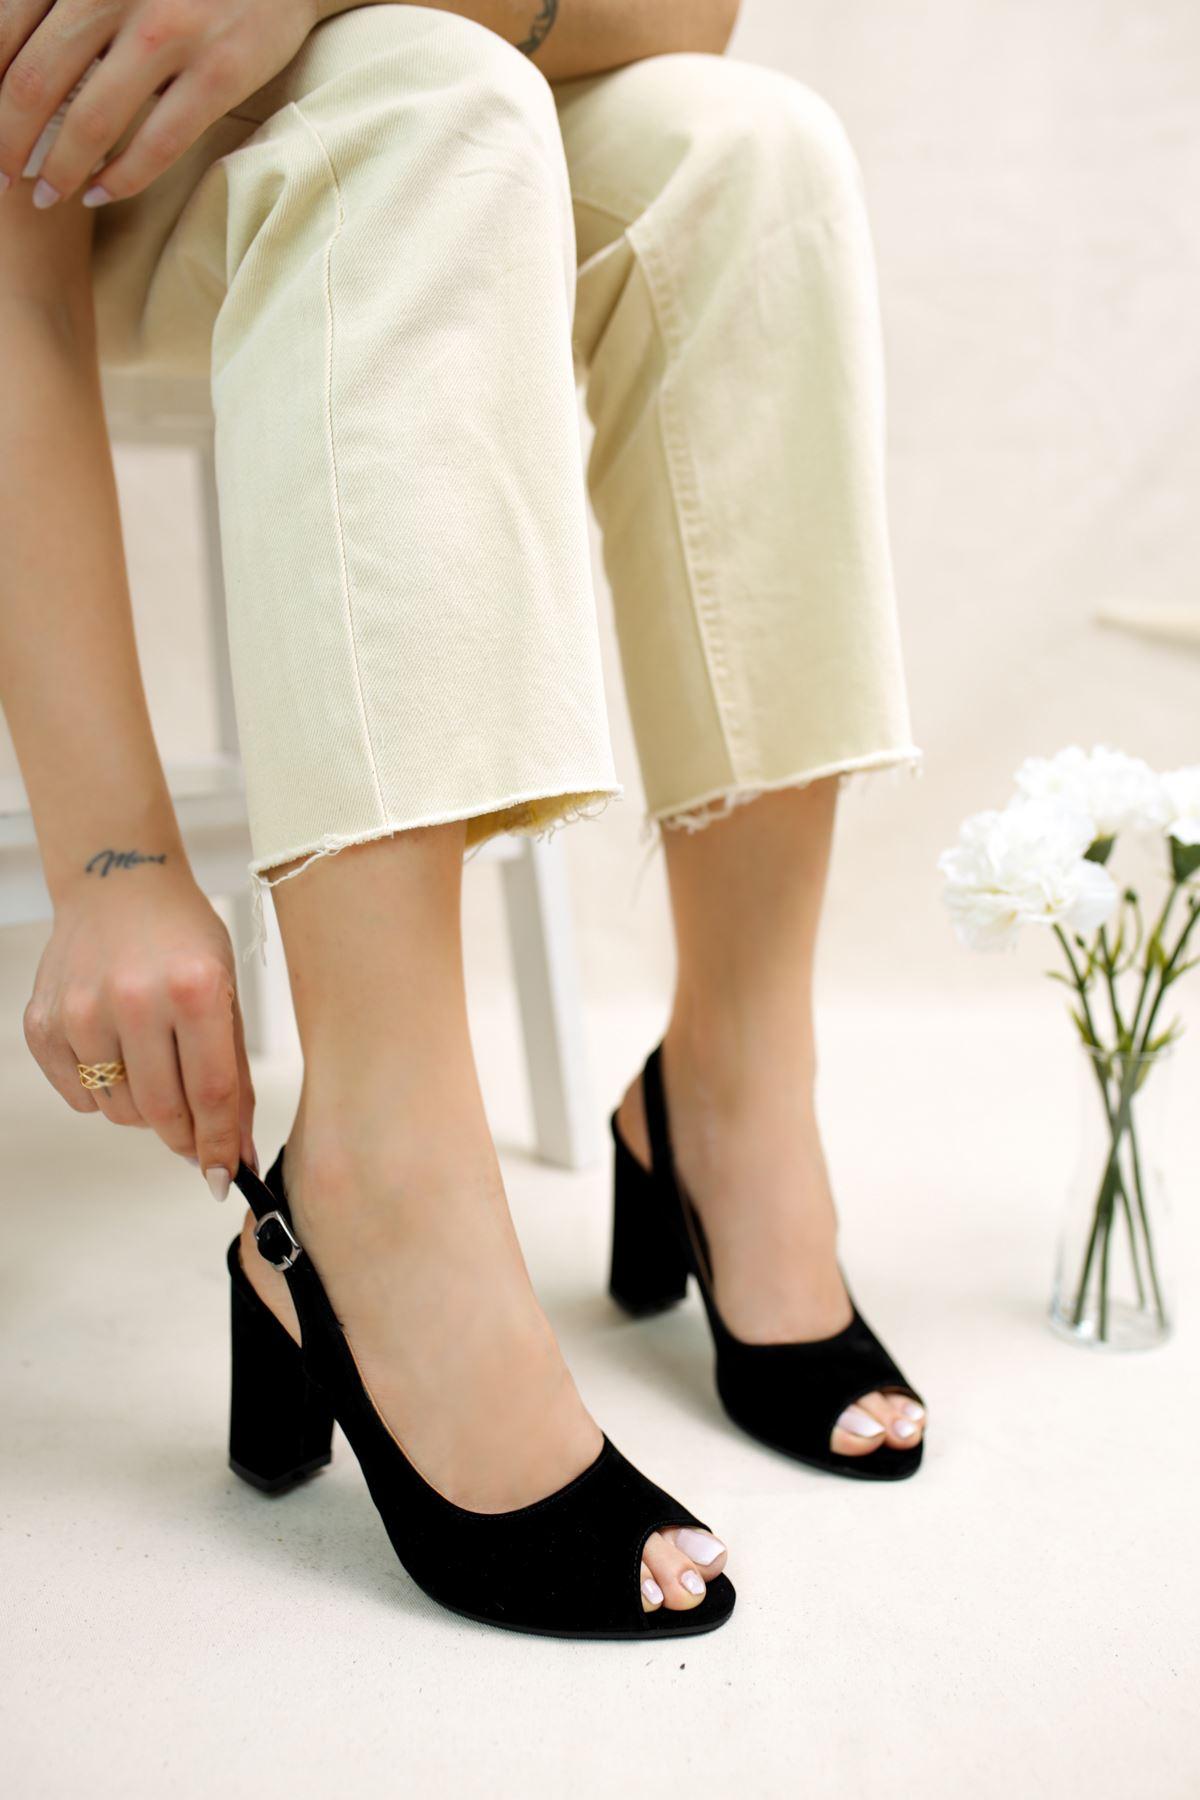 Maura Siyah Süet Kadın Topuklu Ayakkabı